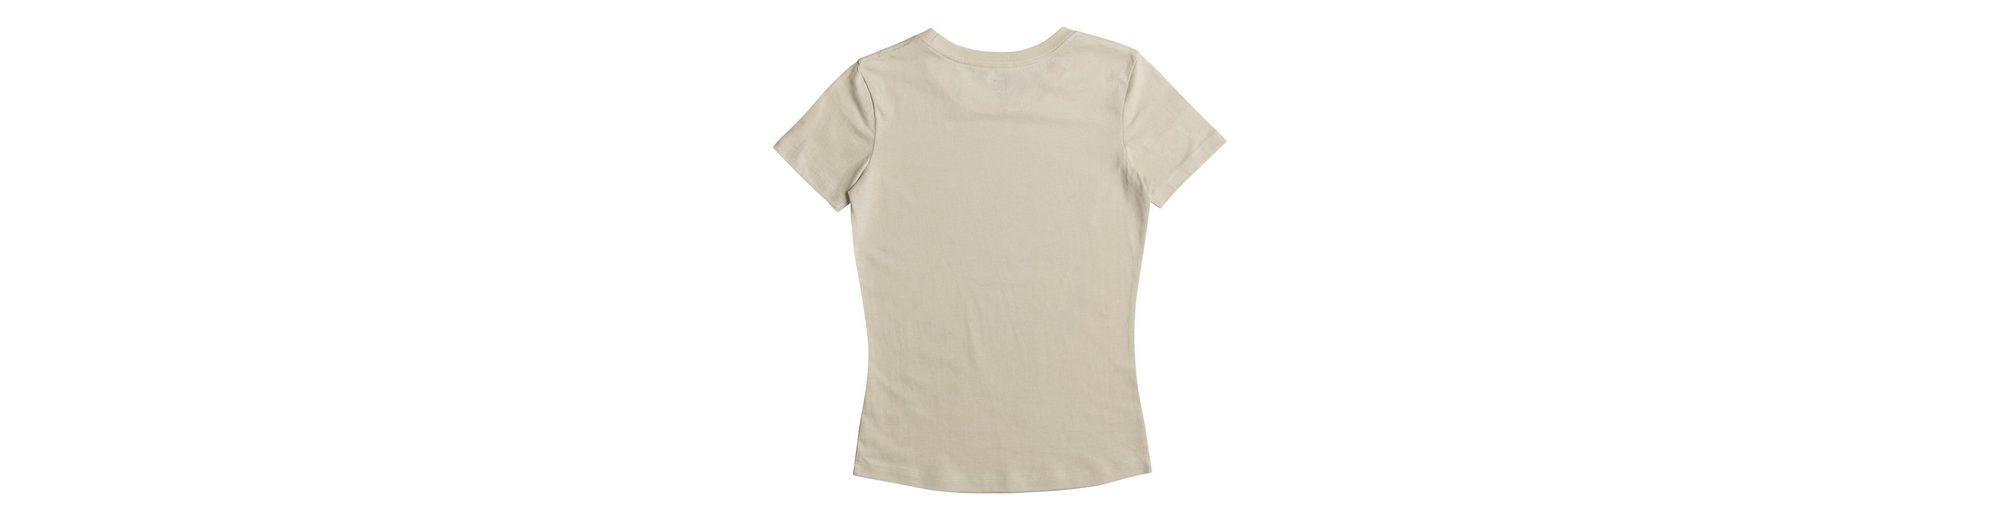 T Shoes DC DC Shirt Shirt DC Dangerio Dangerio Shoes T Af6gOHc